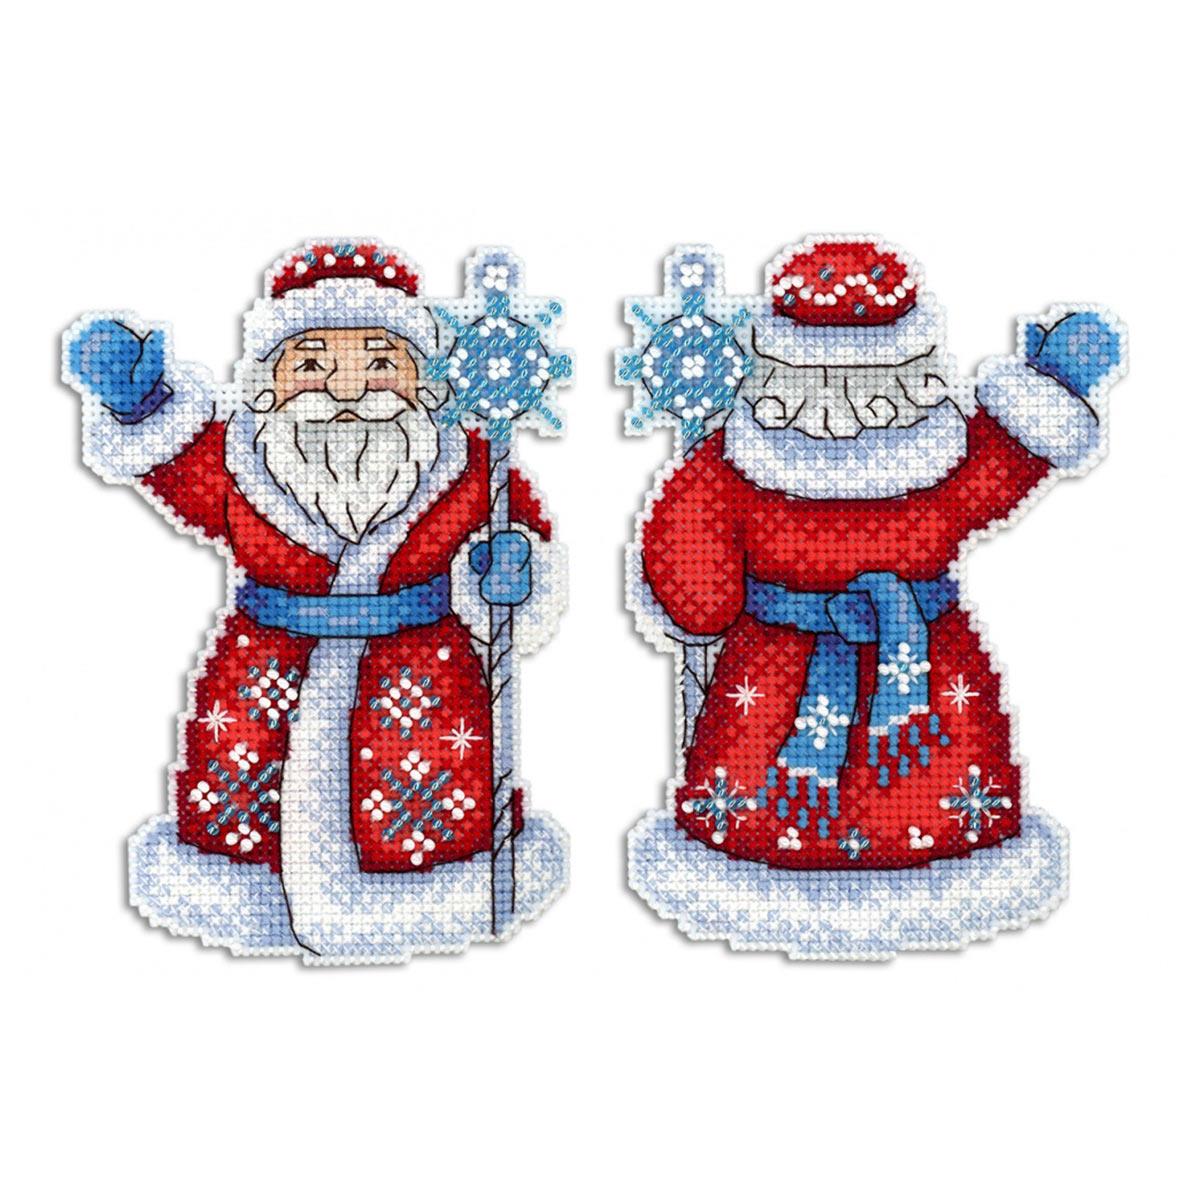 Р-312 Набор для вышивания на пластиковой канве МП Студия 'Дедушка Мороз' 13*10см